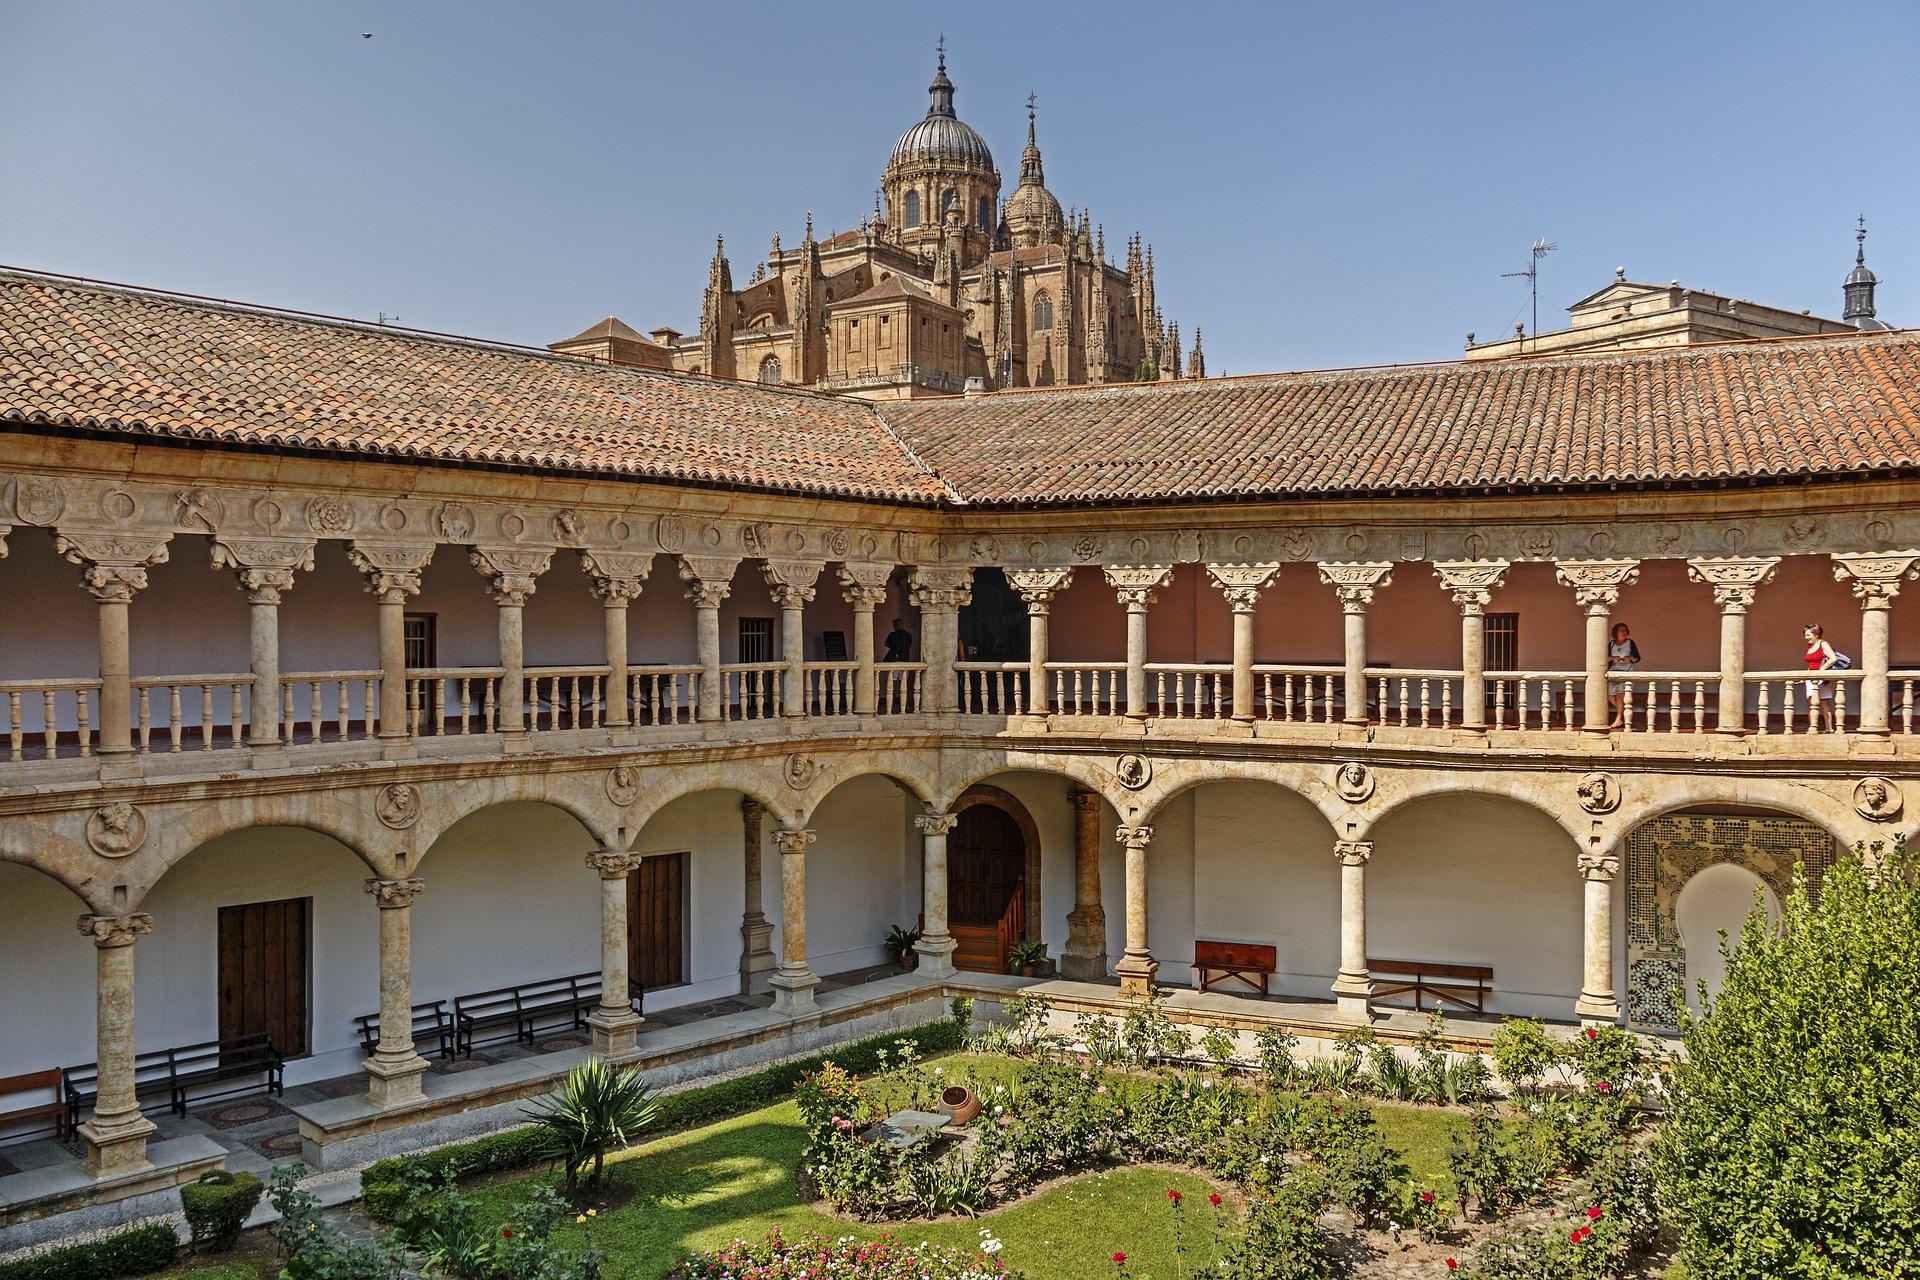 cloister-of-las-duenas-3684449_1920.jpg